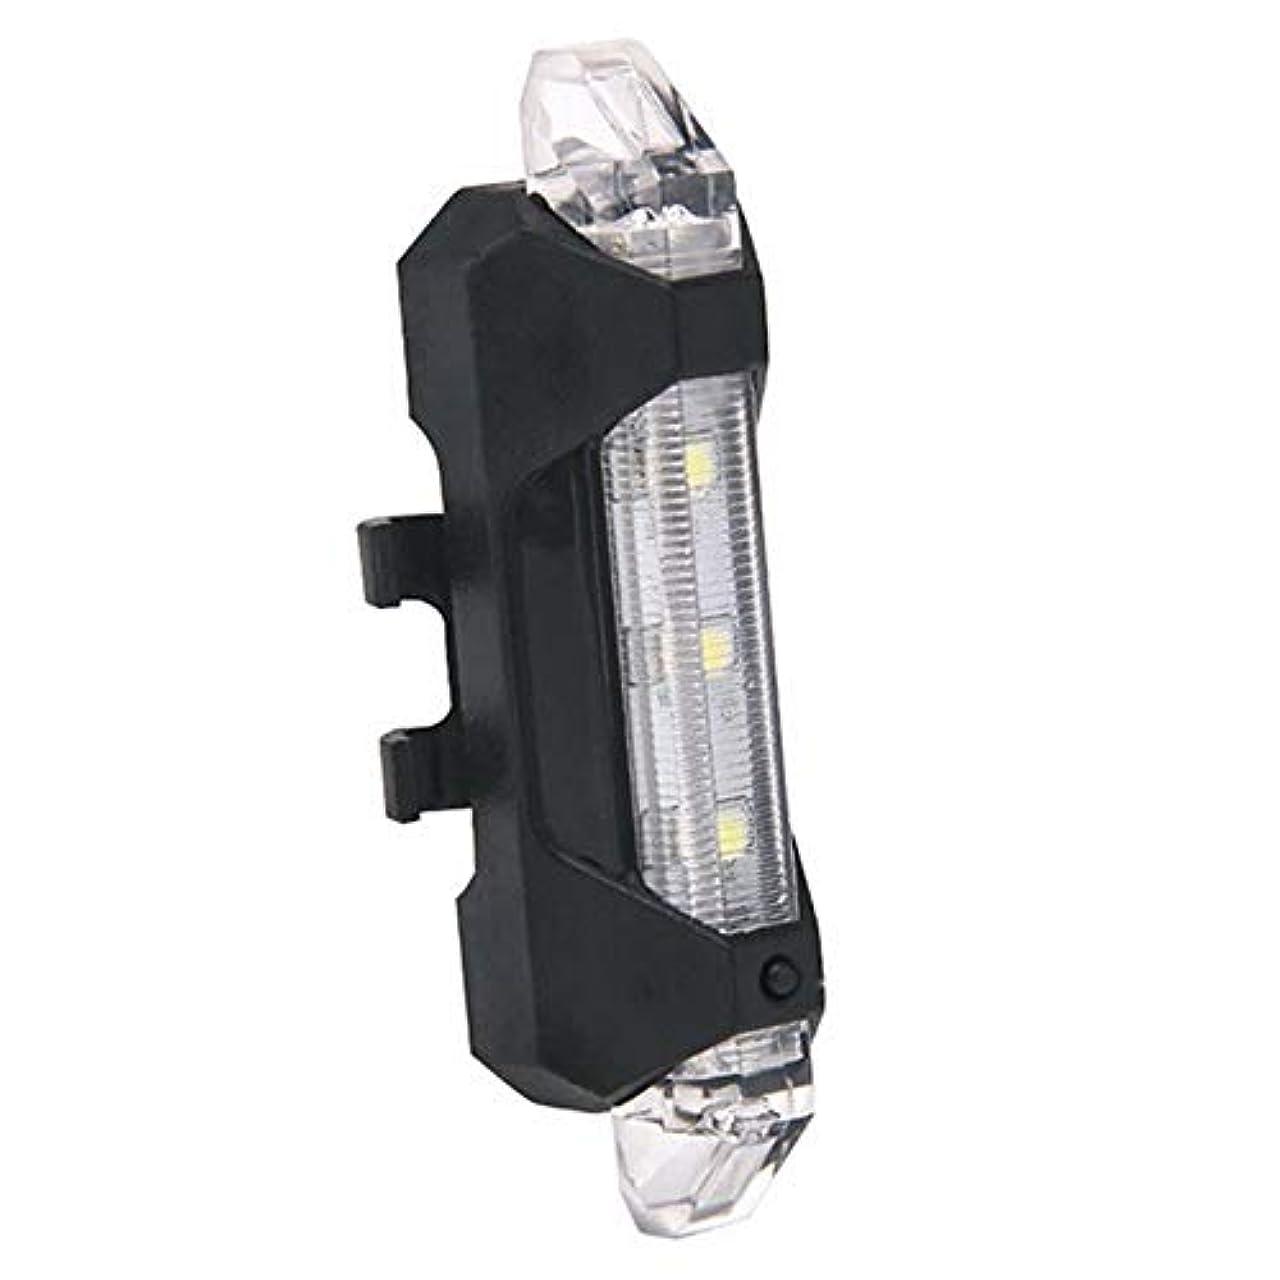 仮定する恐れる支払う充電式自転車ライト USB充電式自転車リアライト4つのライトモードを備えた強力なLED自転車テールライト安全サイクリング用懐中電灯ヘルメットマウンテンバイク (Color : White)